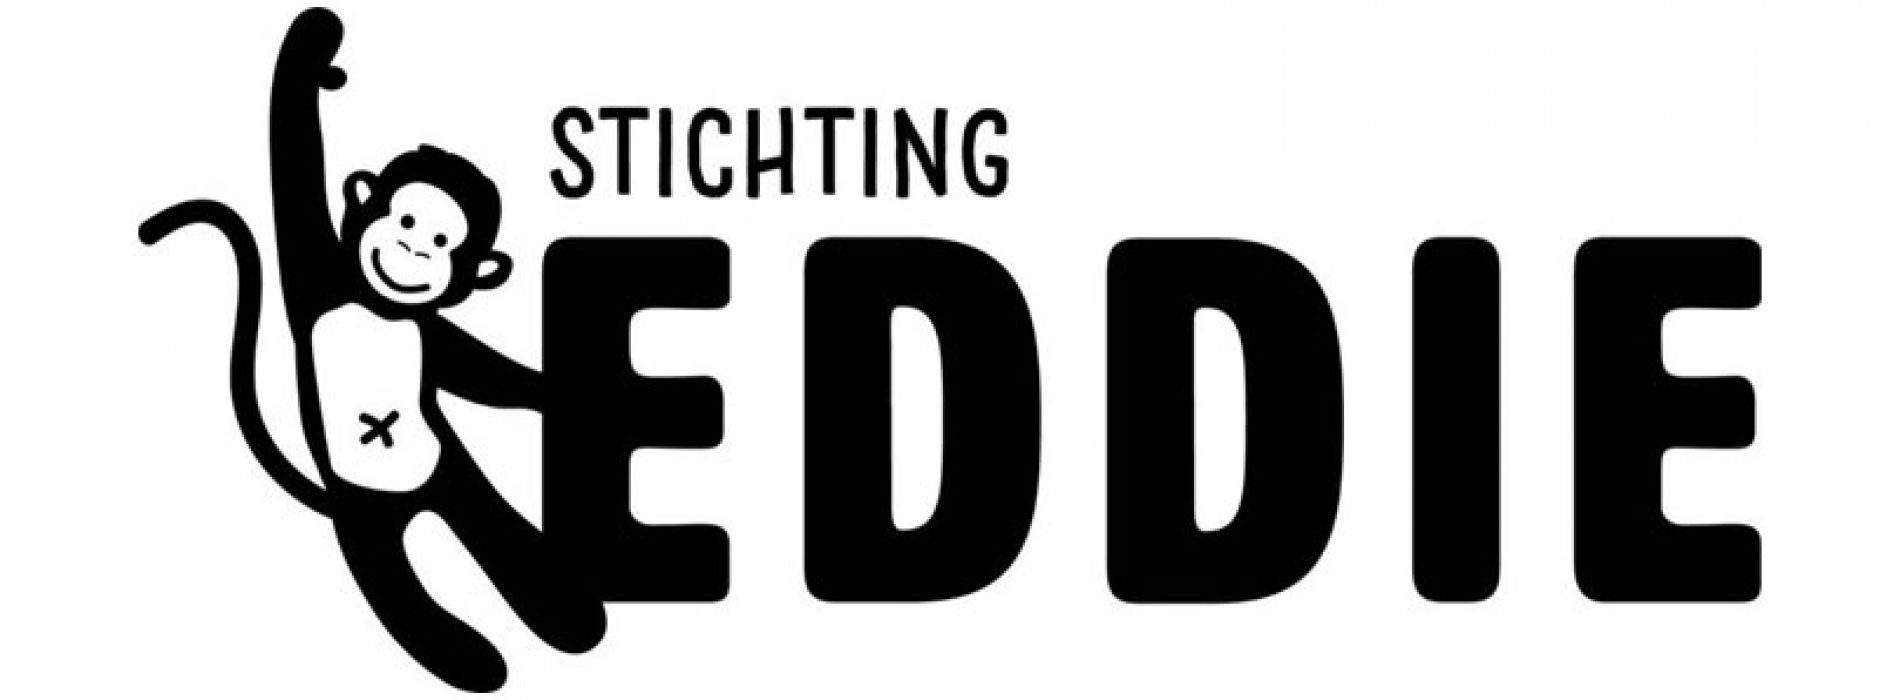 Stichting Eddie verrast kinderen met een gezelschapsspel